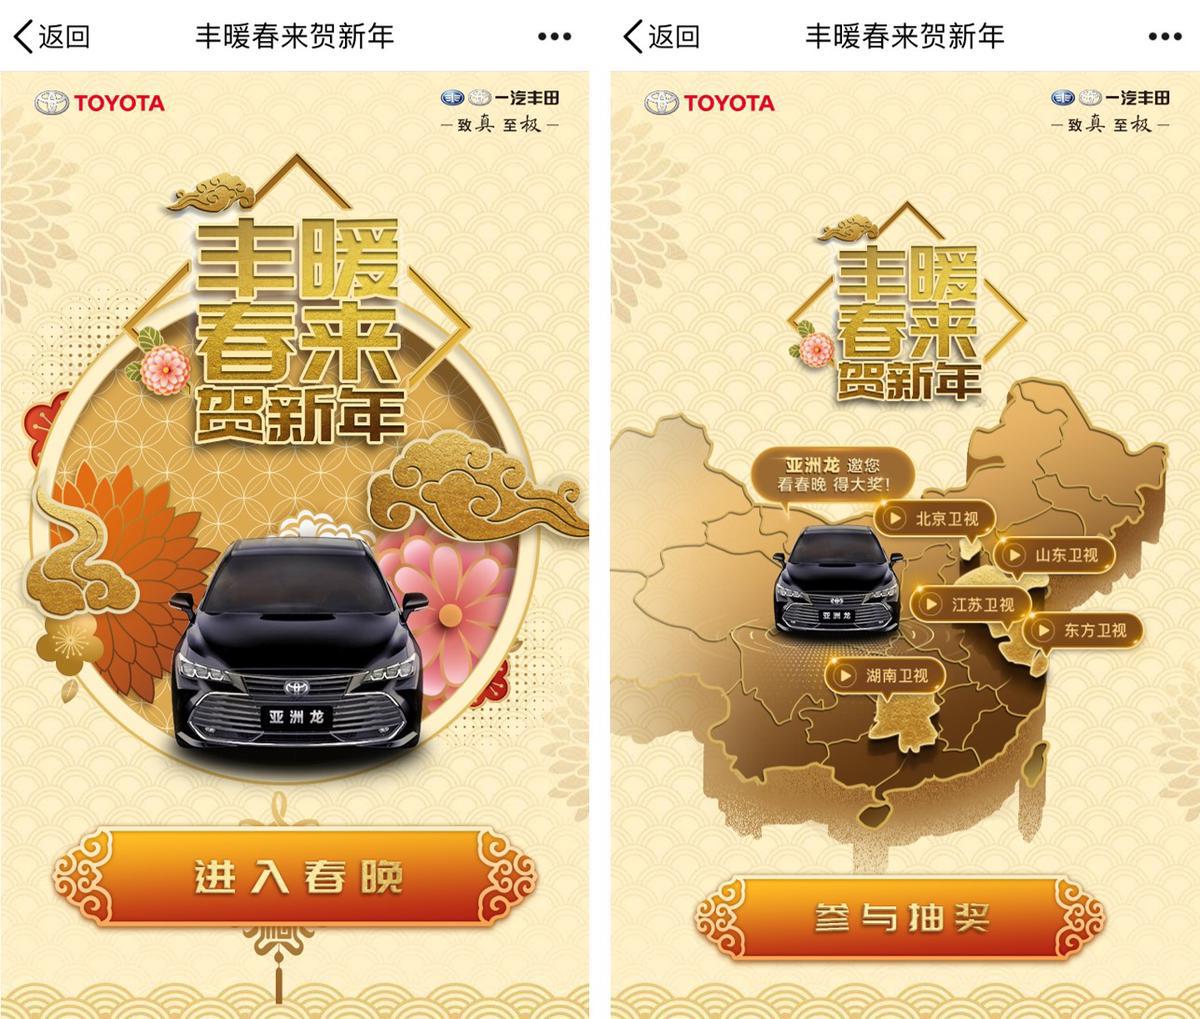 多面实力派,一汽丰田联手西瓜视频点亮全新年俗营销